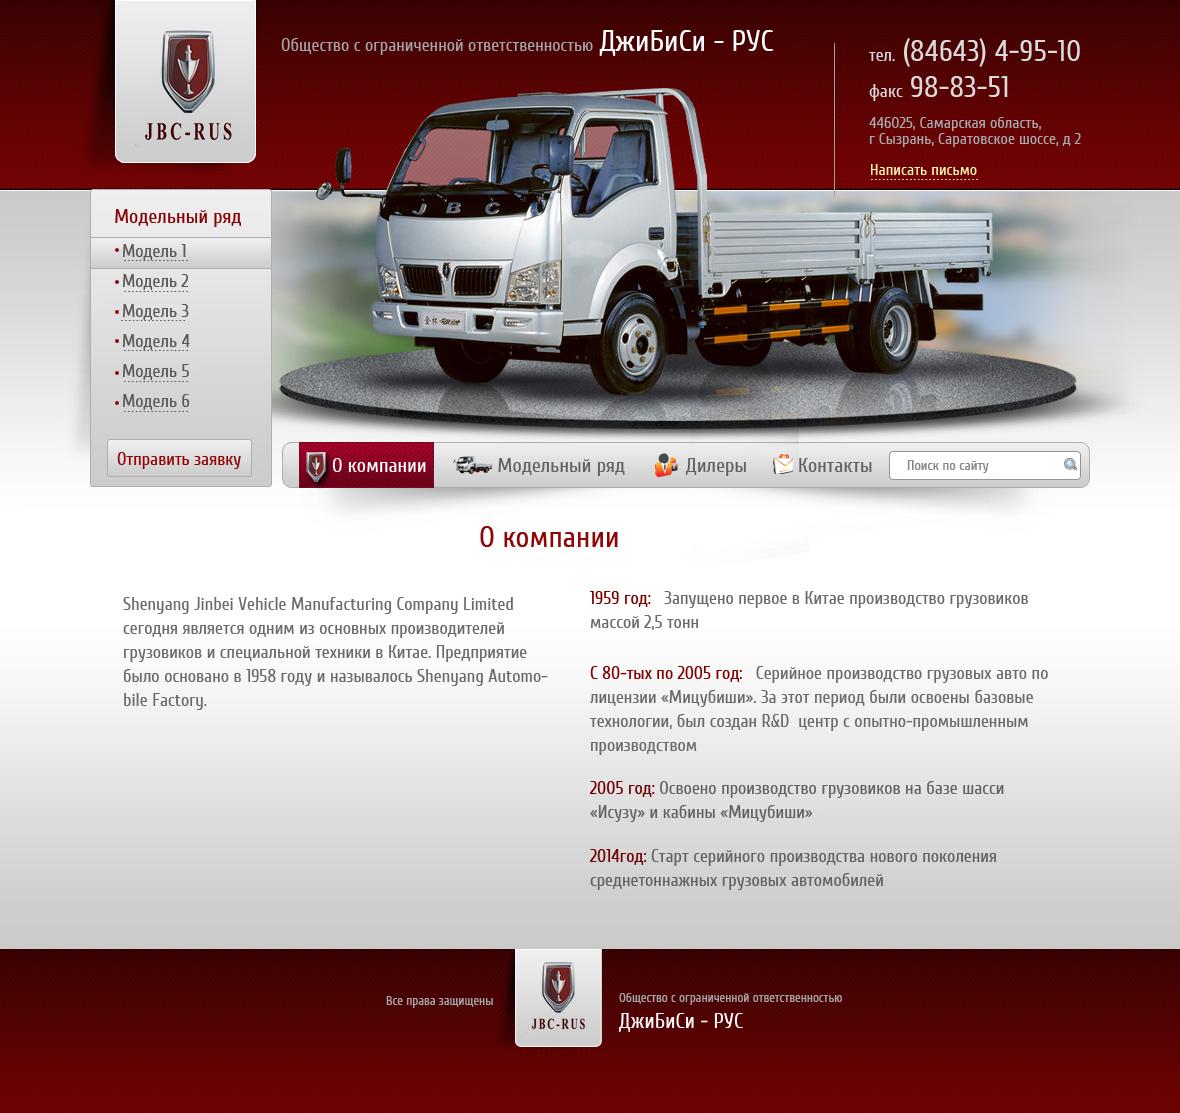 Дизайн сайта Джи Би Си